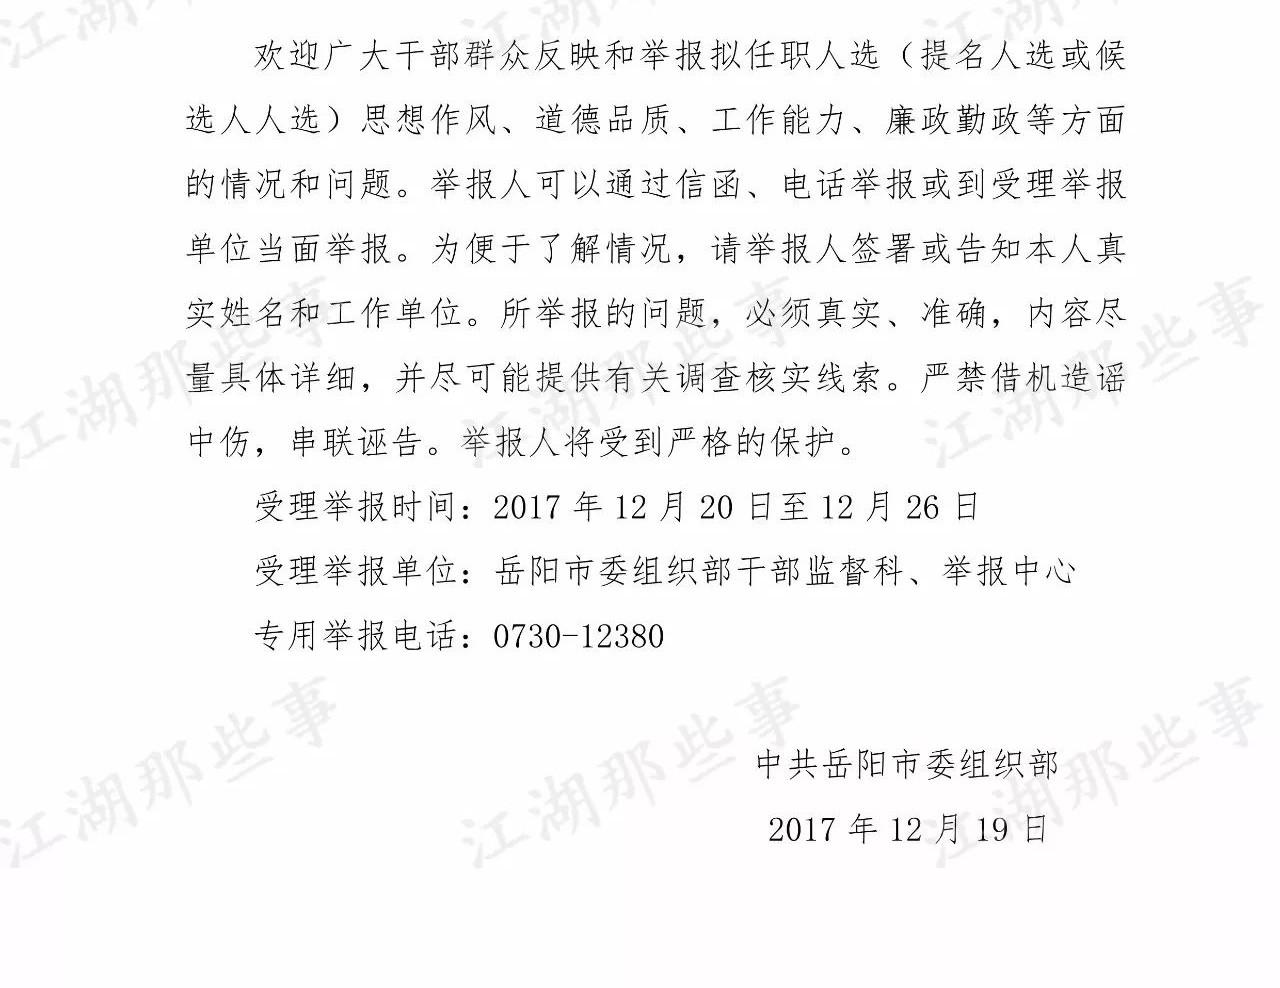 岳阳市委管理干部任前公示公告 新湖南www.hunanabc.com